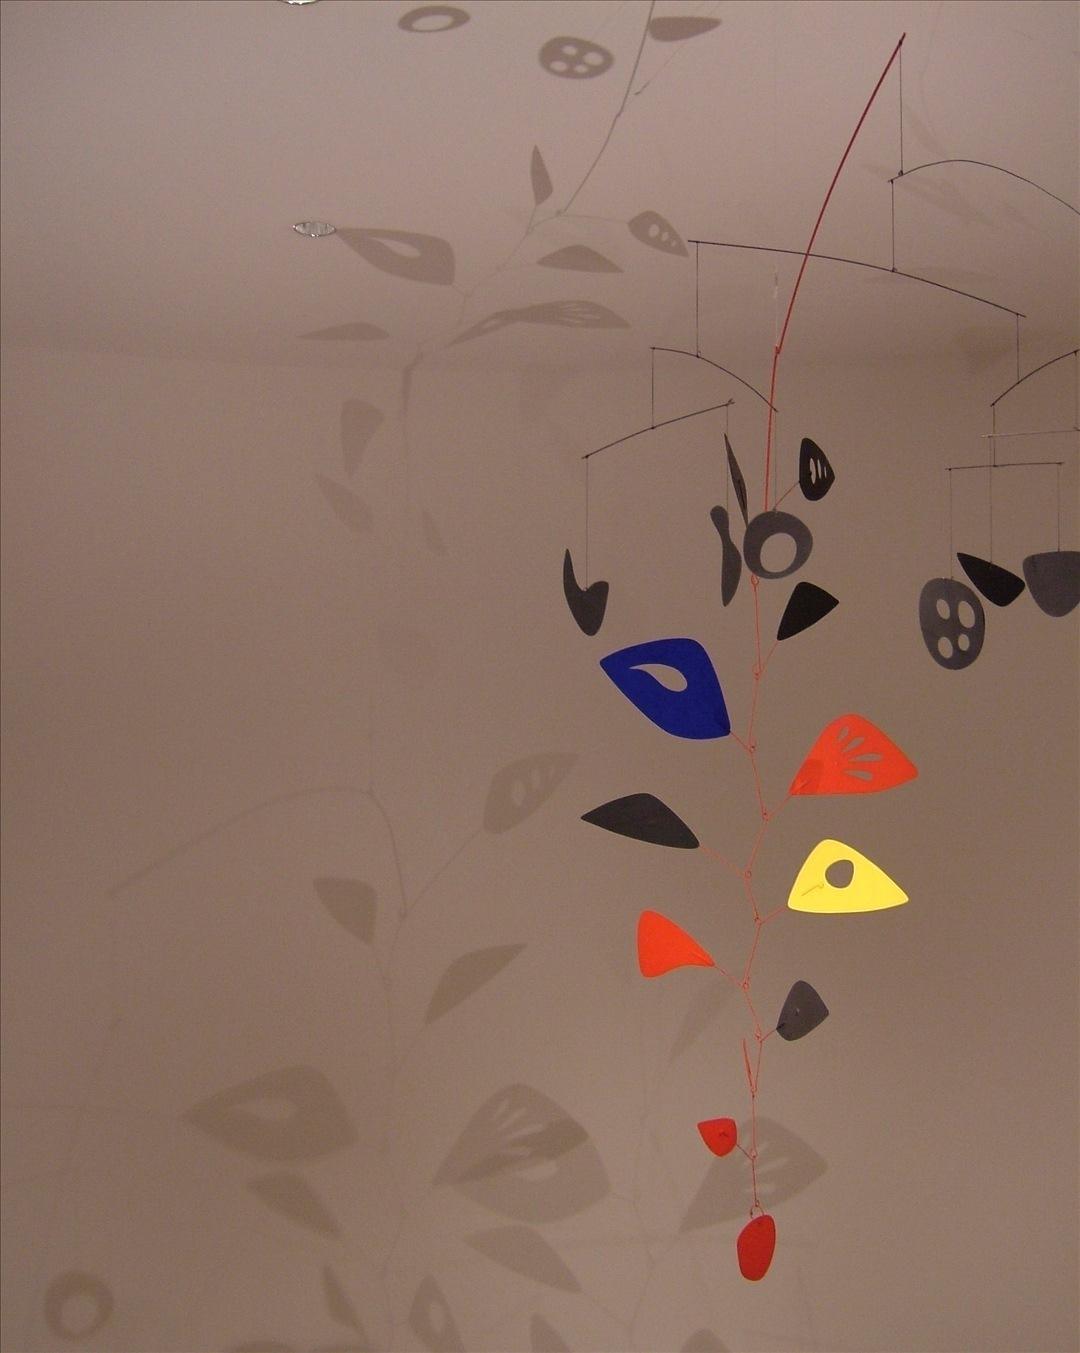 Simple mobiles illustrate engineering in art